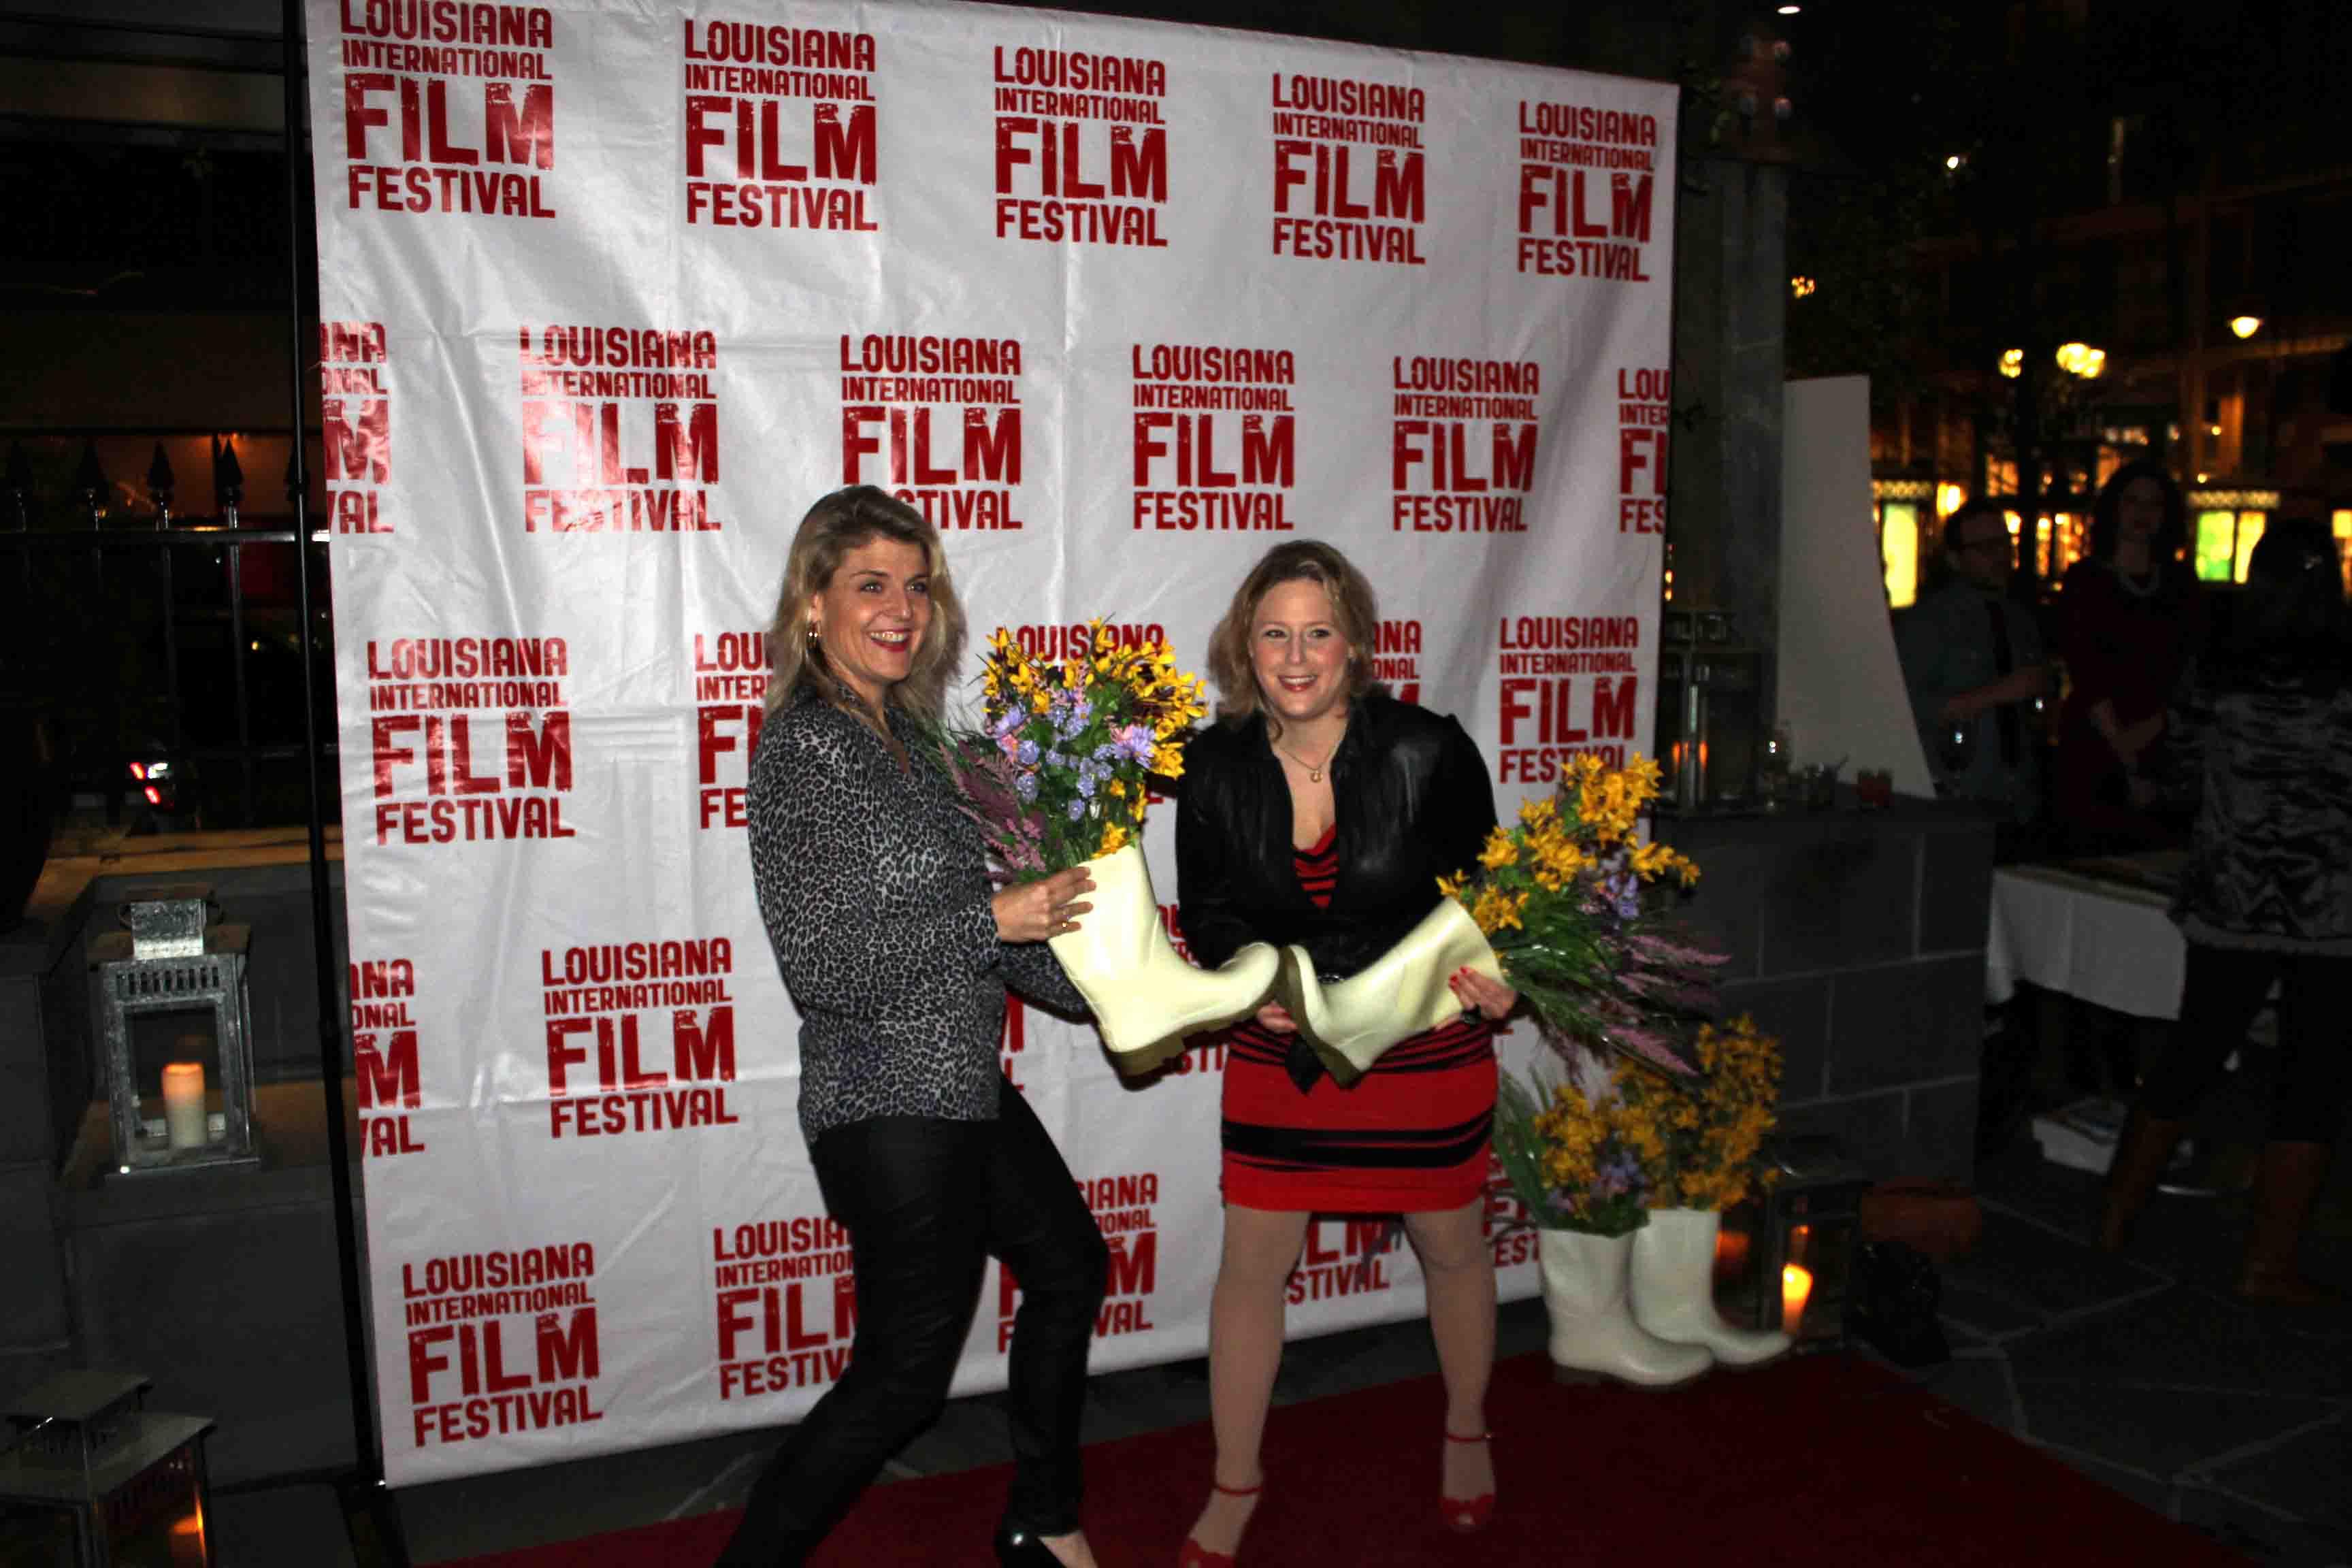 film festivals in louisiana